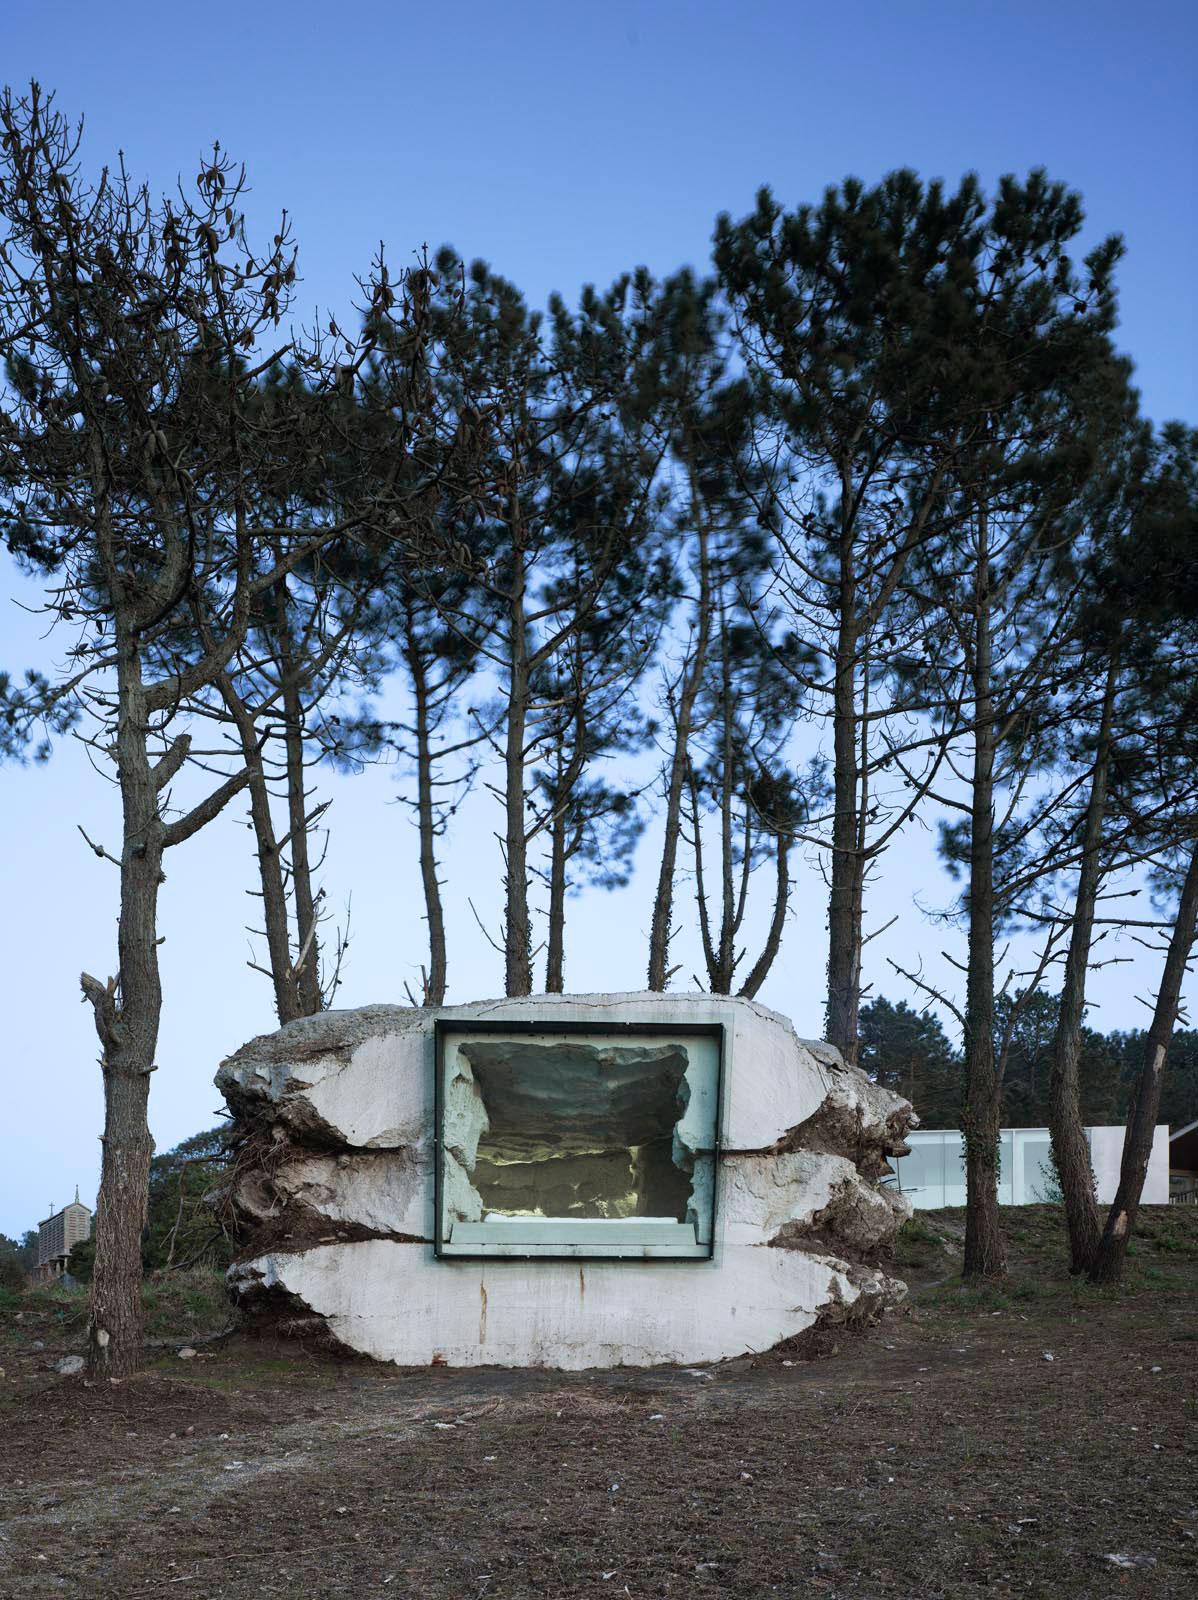 The-Truffle-Costa-da-Morte-Spain-by-Ensamble-Studio-Yellowtrace-12